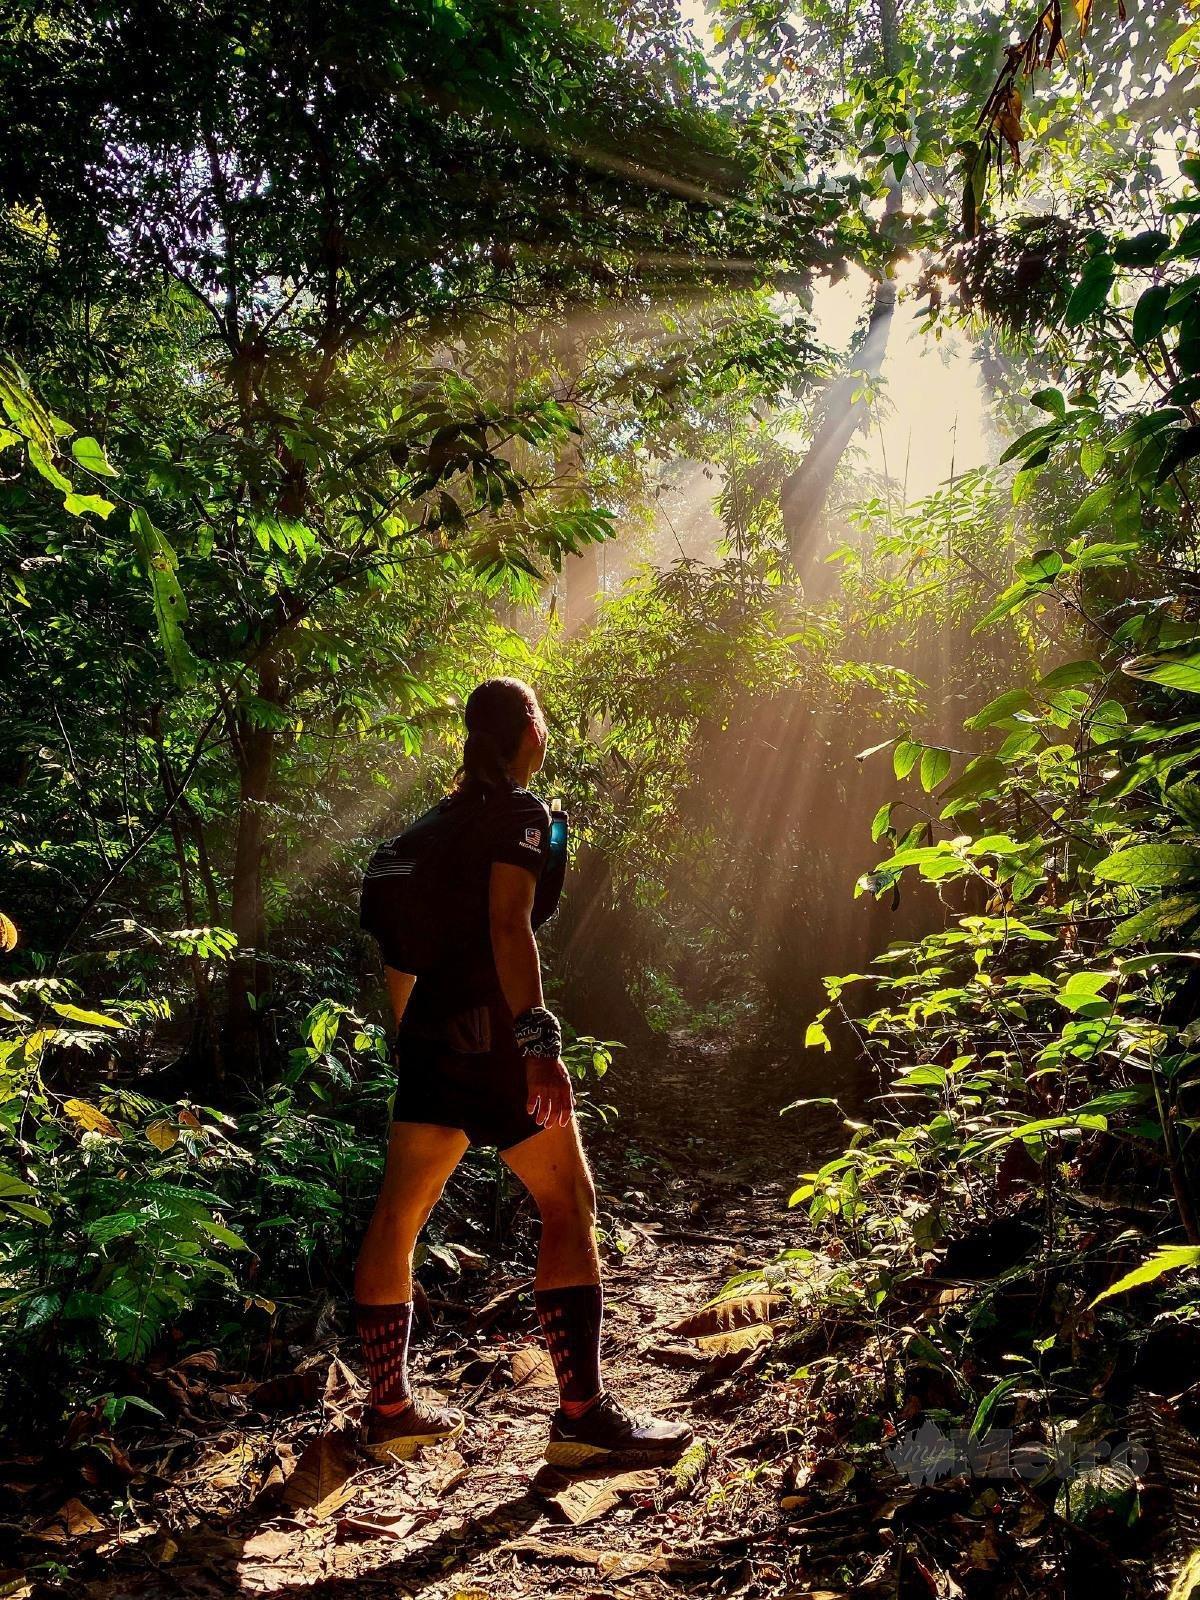 SINARAN matahari menembusi hutan amat mempesonakan.